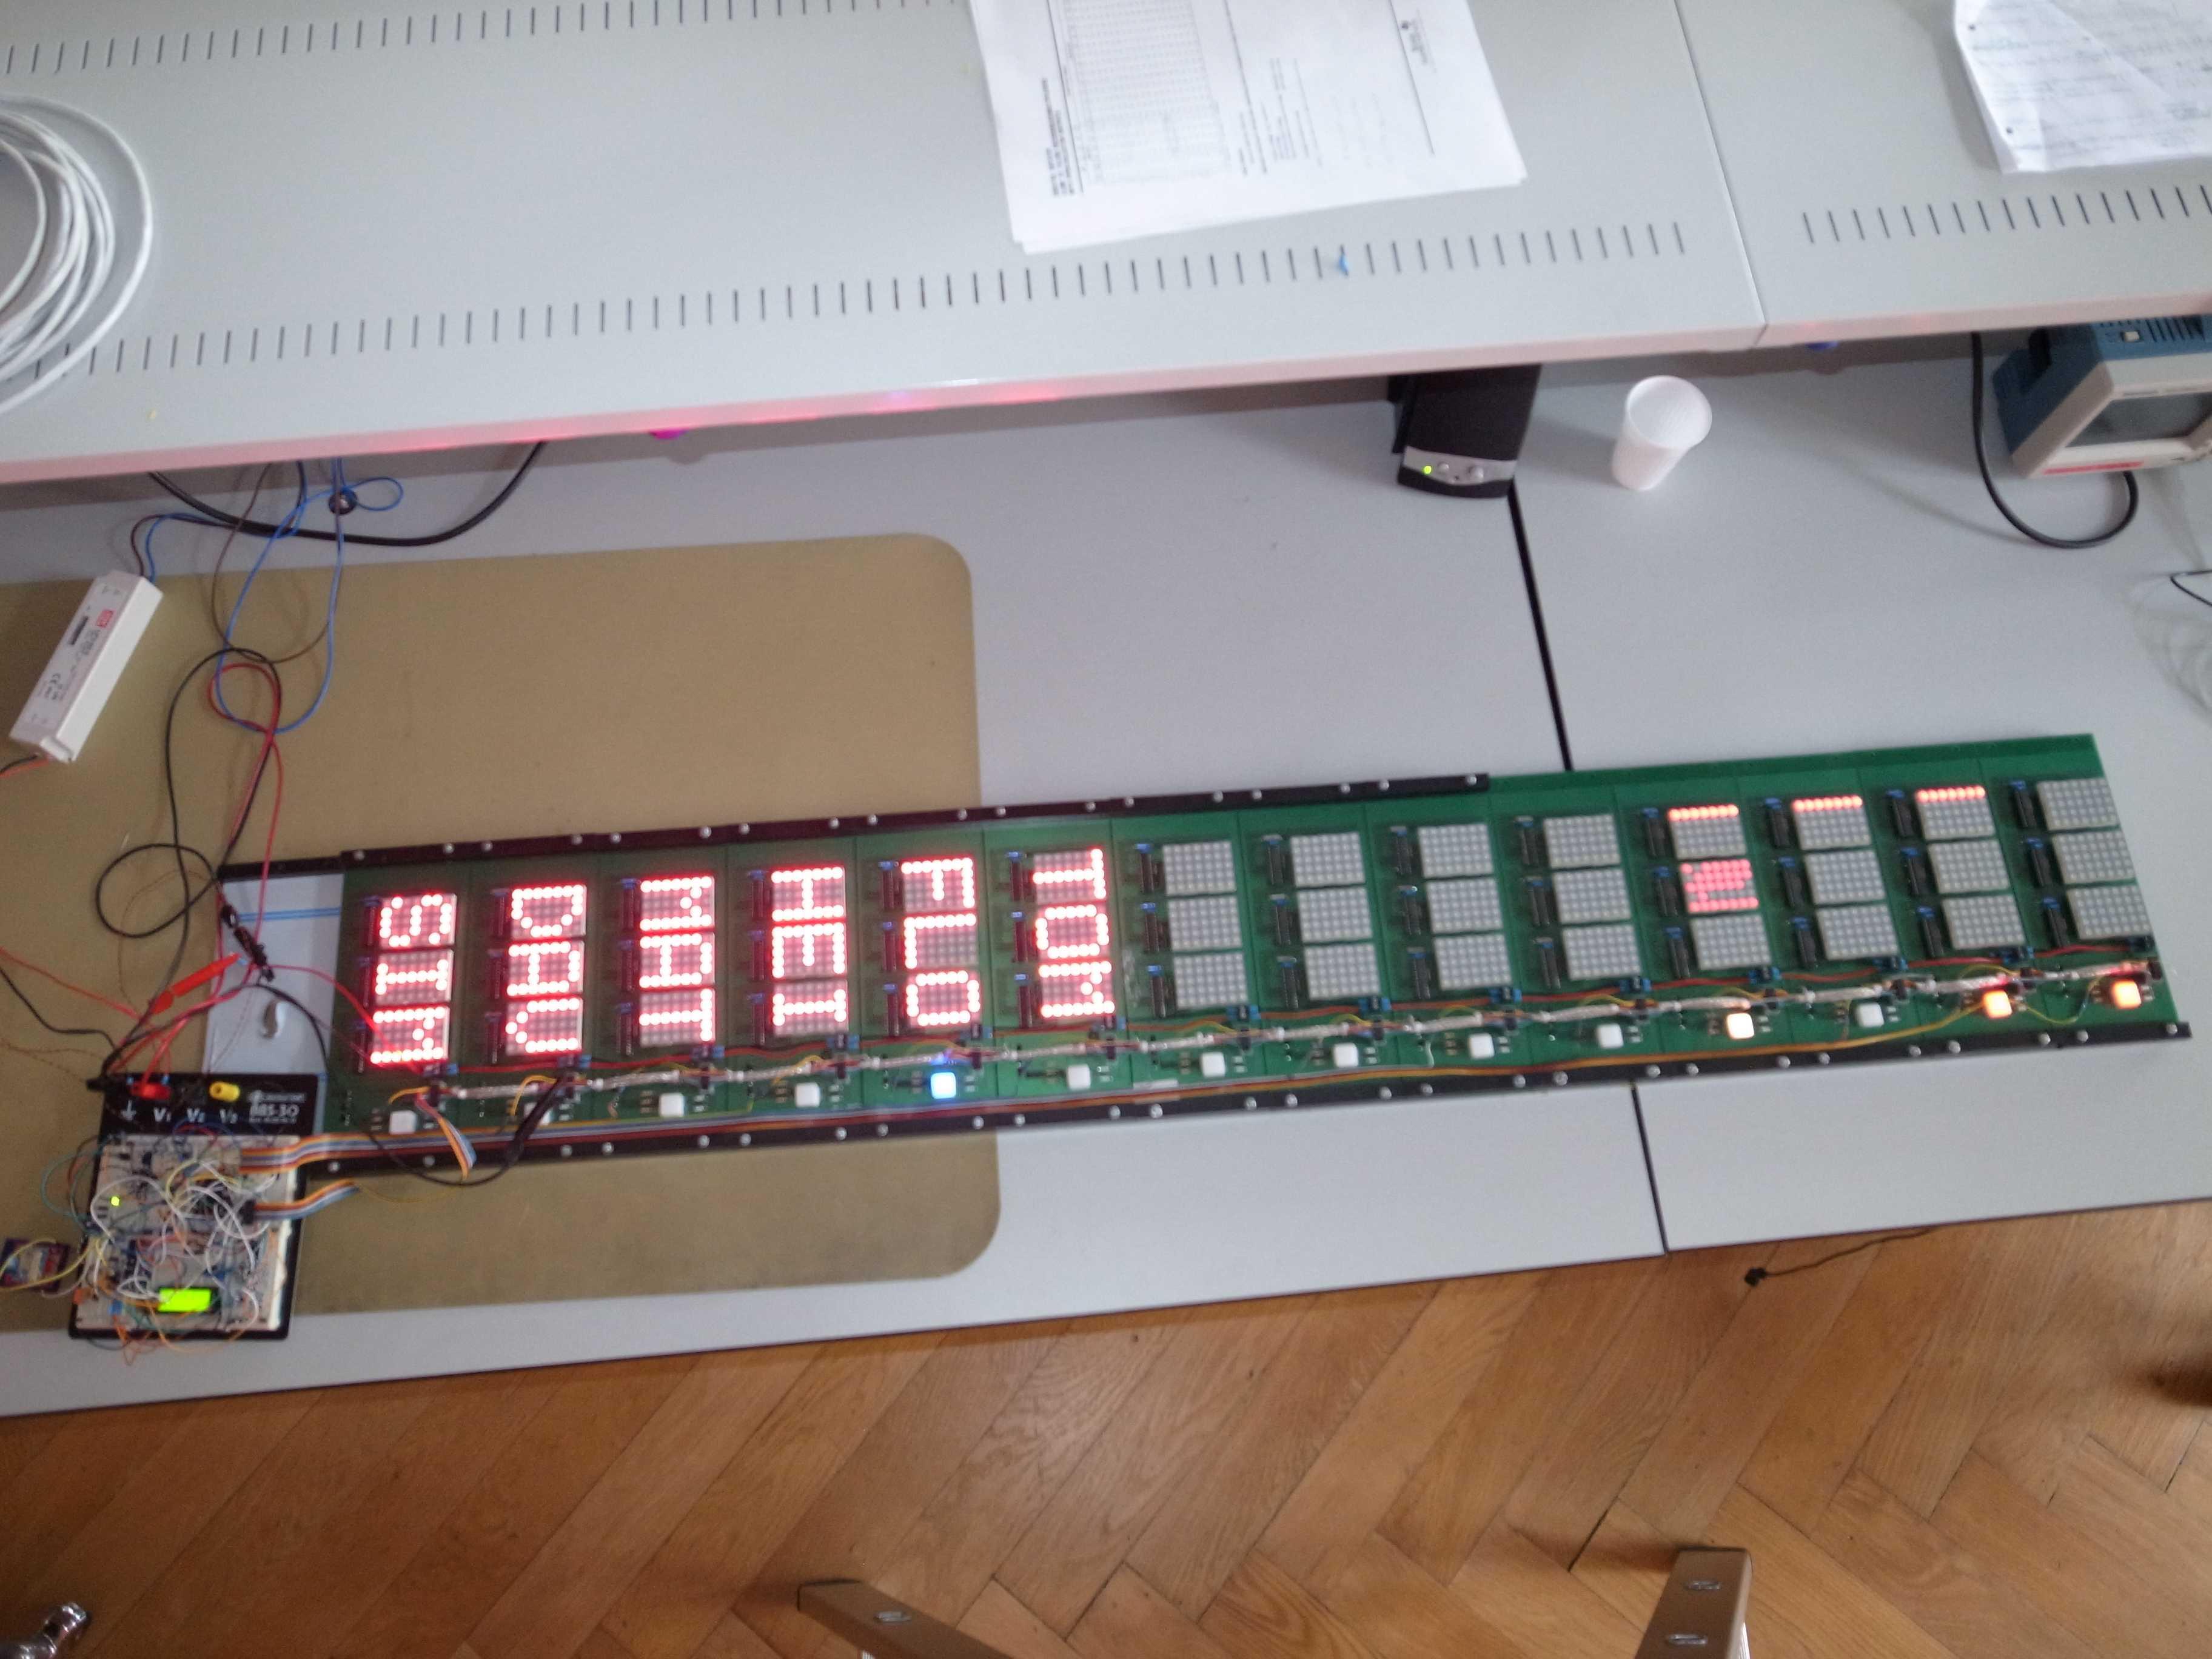 Anzeigetafel Ber Lange Leitungen Ansteuern Konstantstromquelle Fuer Power Led Mikrocontrollernet 5v